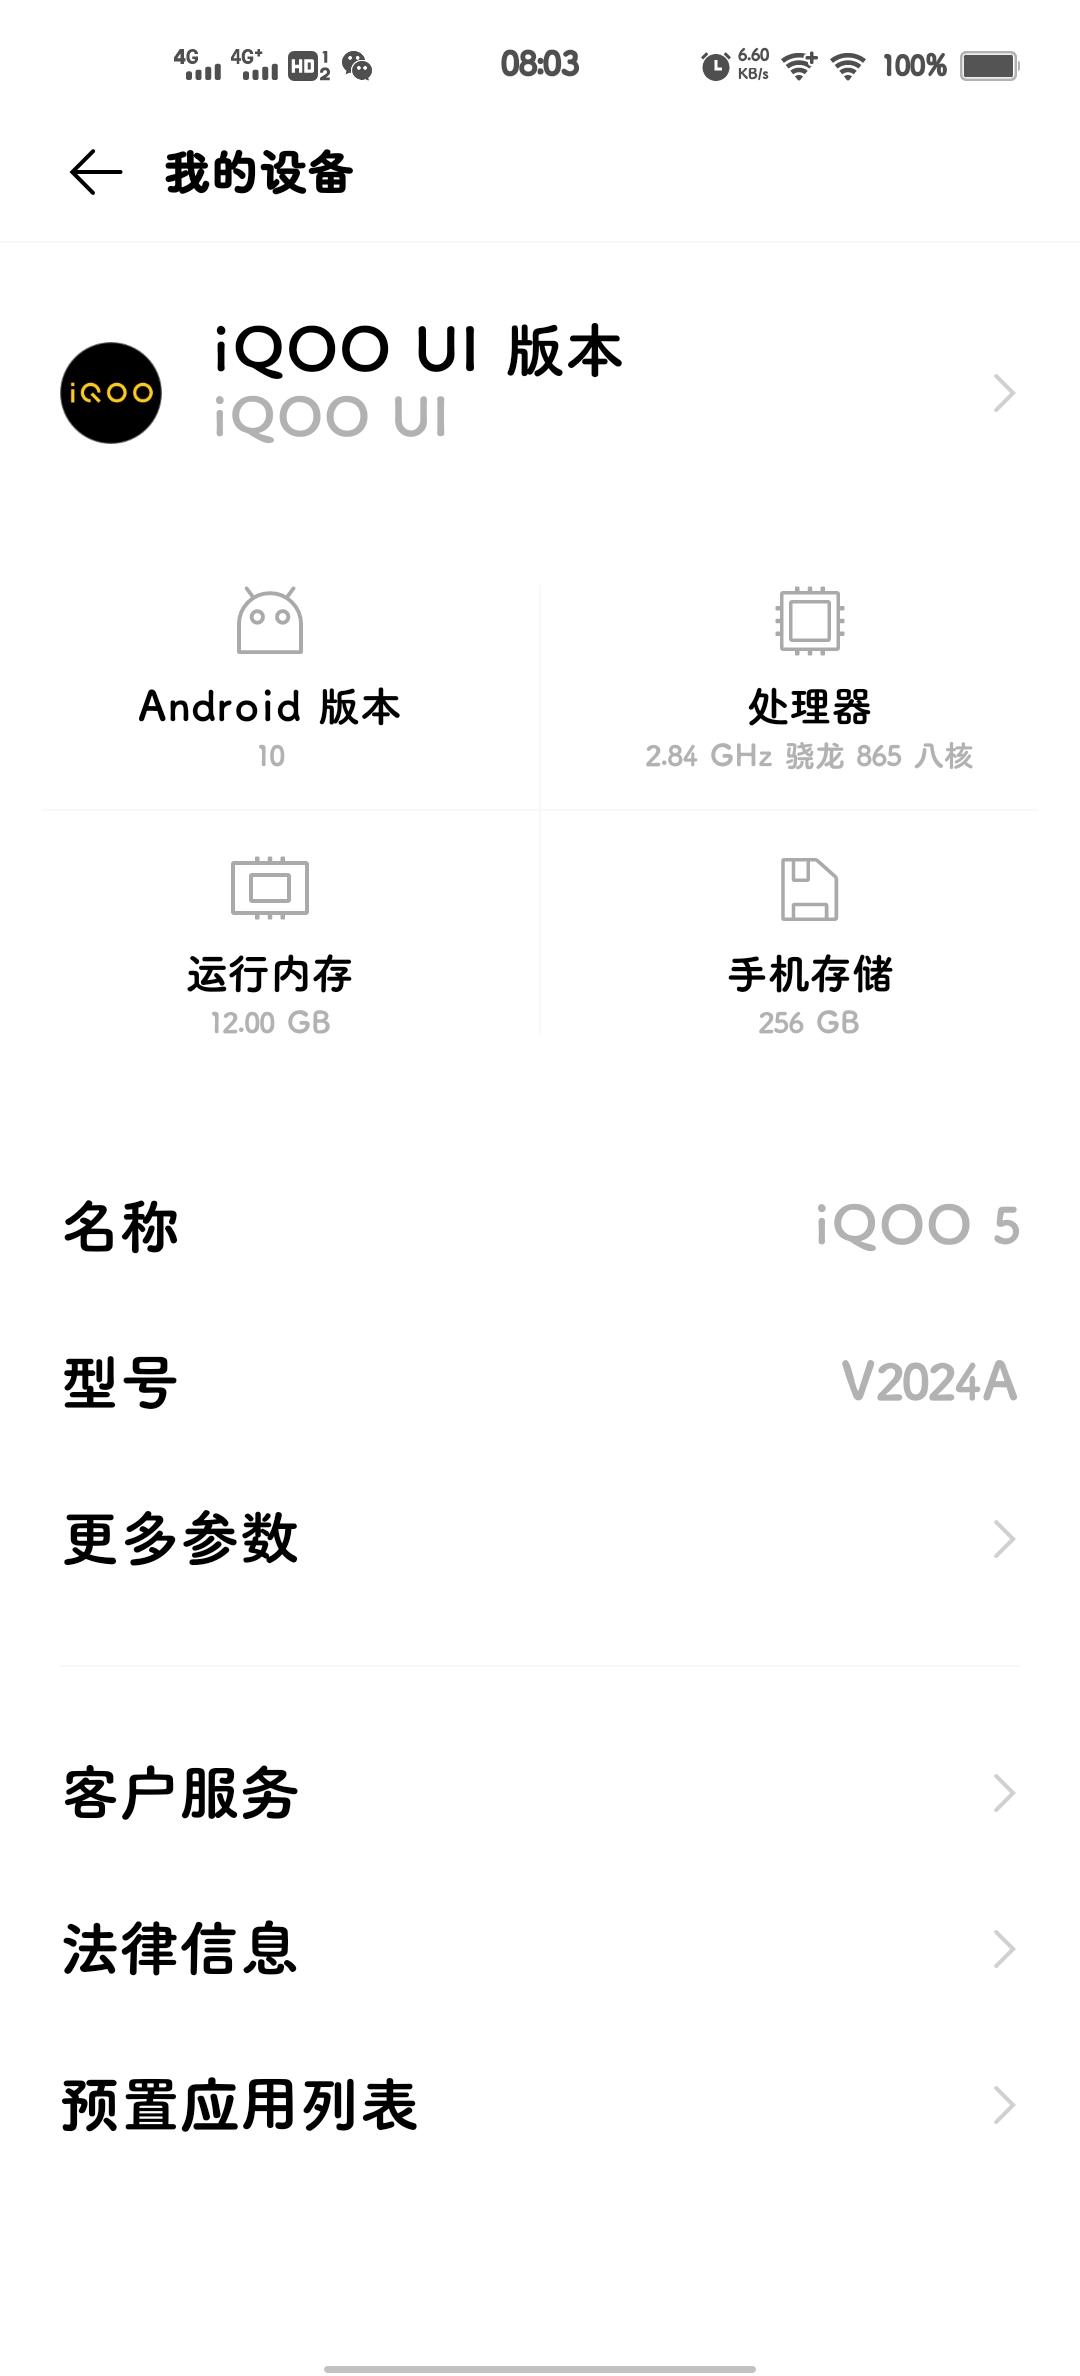 Screenshot_20201117_080358.jpg